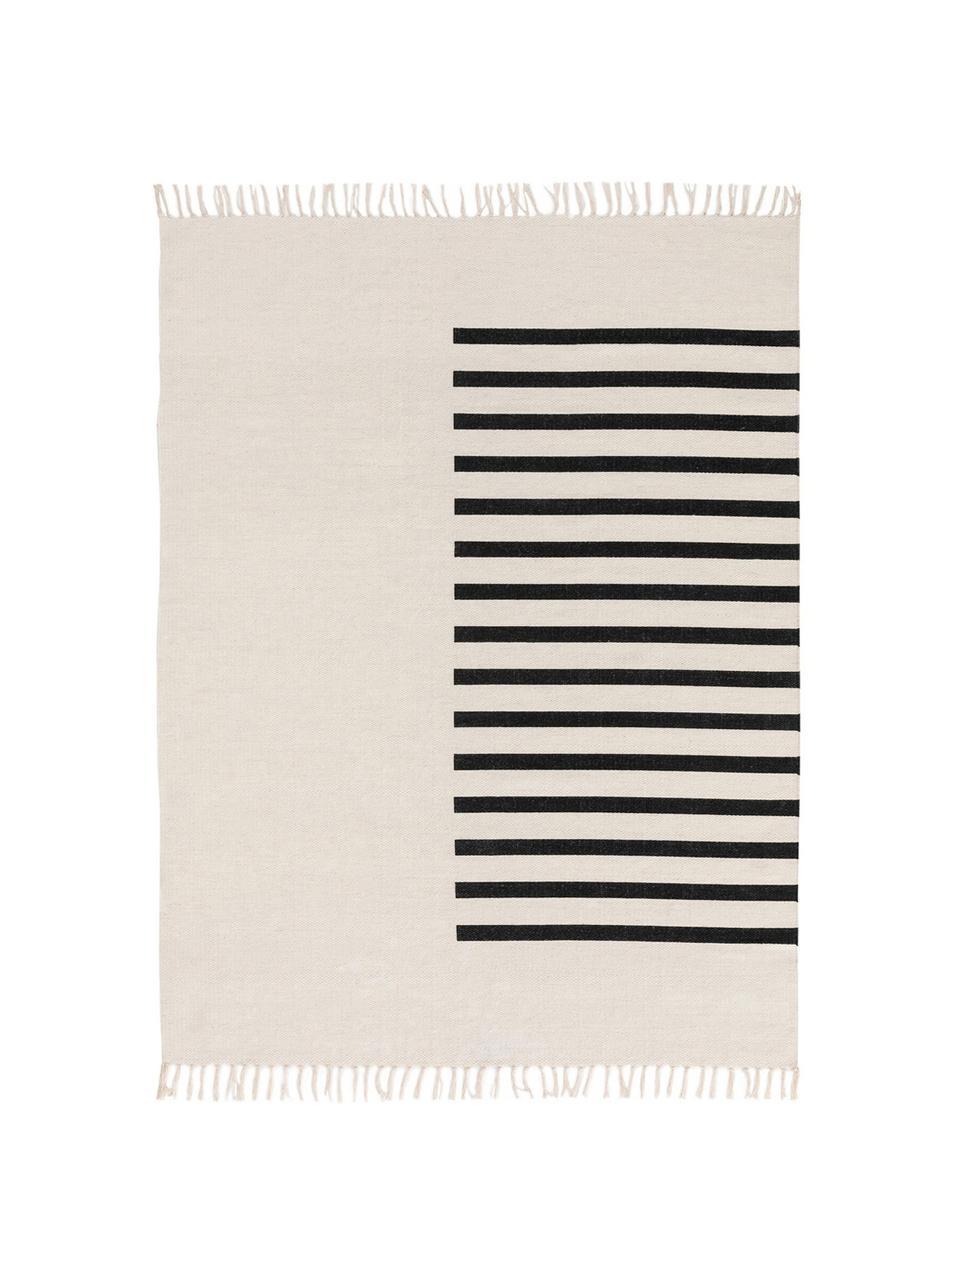 Ręcznie tkany dywan kilim z wełny Neo, 100% wełna Włókna dywanów wełnianych mogą nieznacznie rozluźniać się w pierwszych tygodniach użytkowania, co ustępuje po pewnym czasie, Kremowy, czarny, 200 x 300 cm (Rozmiar L)